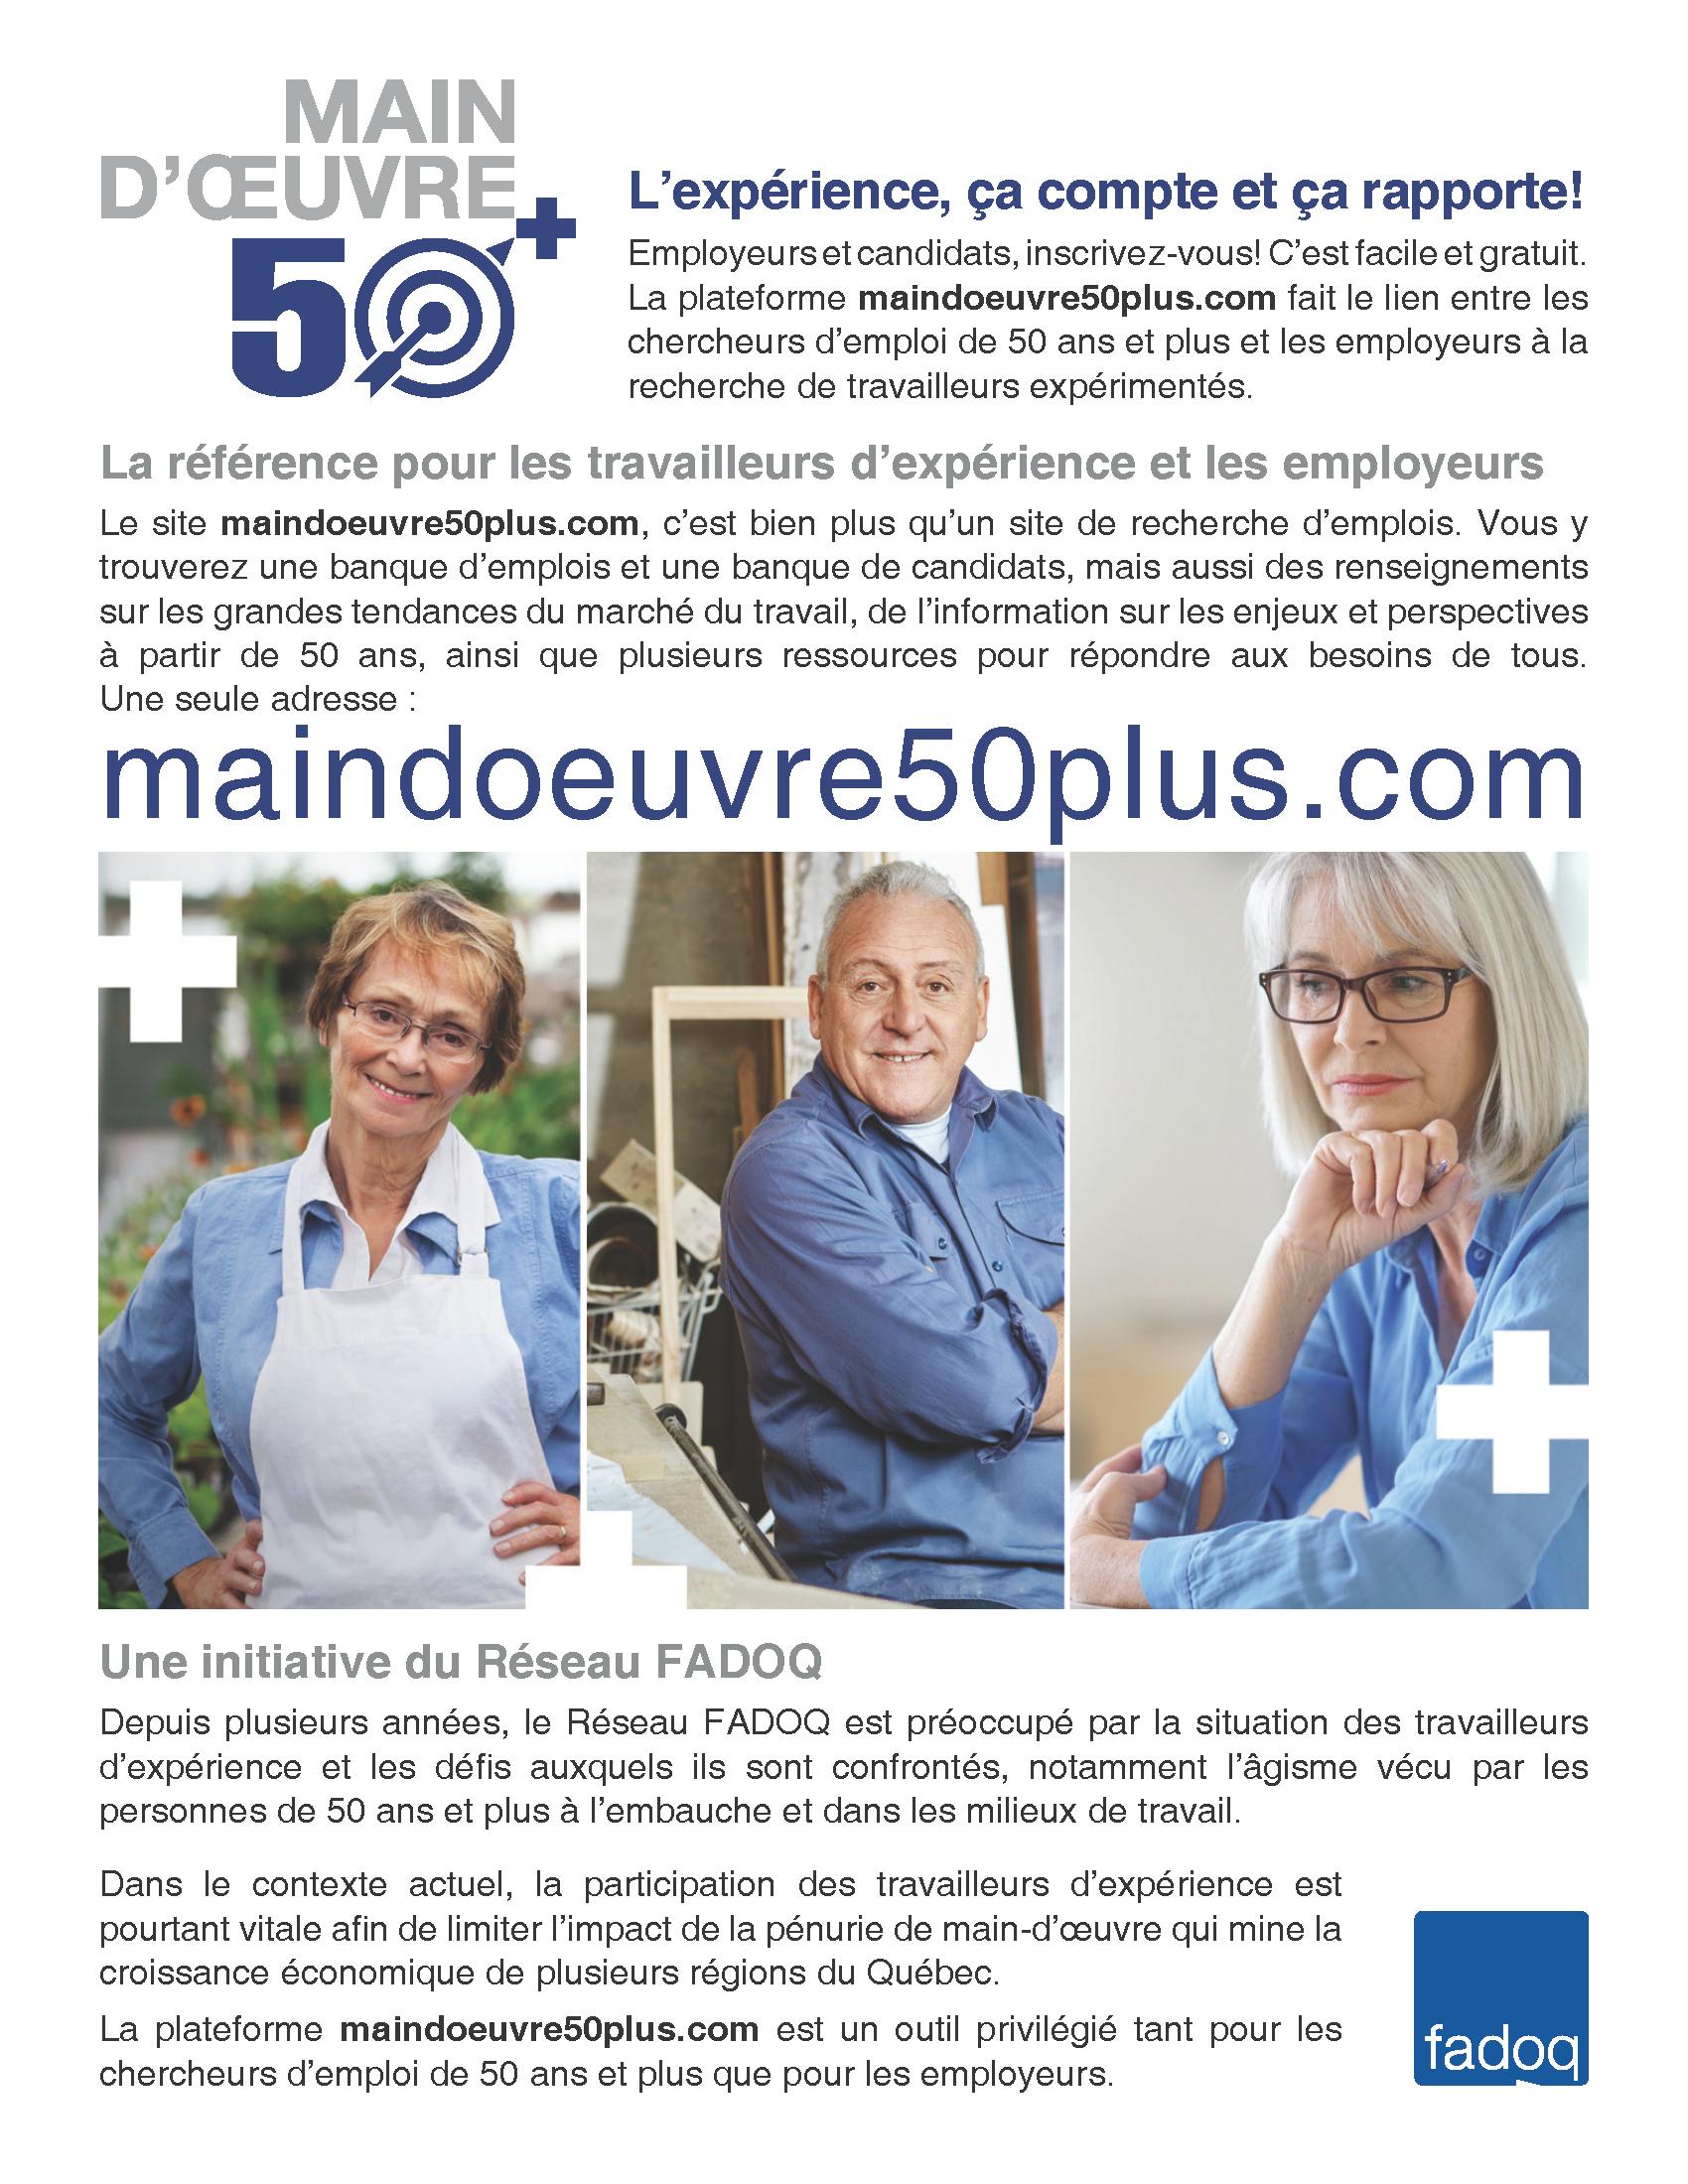 Feuillet Maindoeuvre50